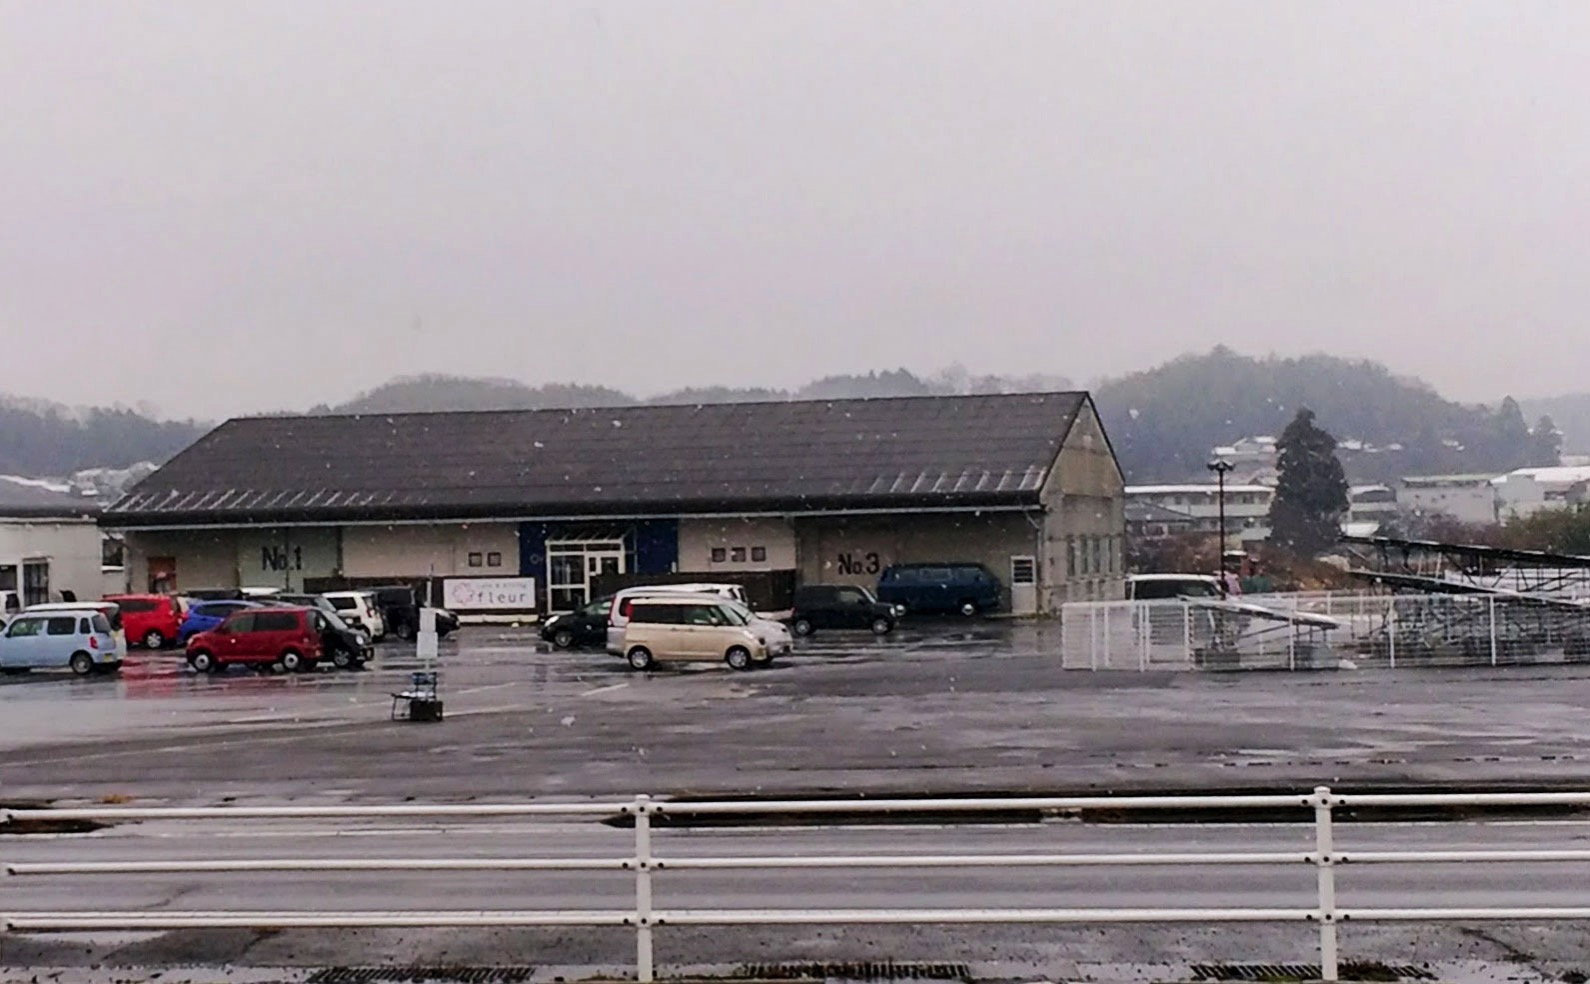 店の前には広大な駐車場が広がる